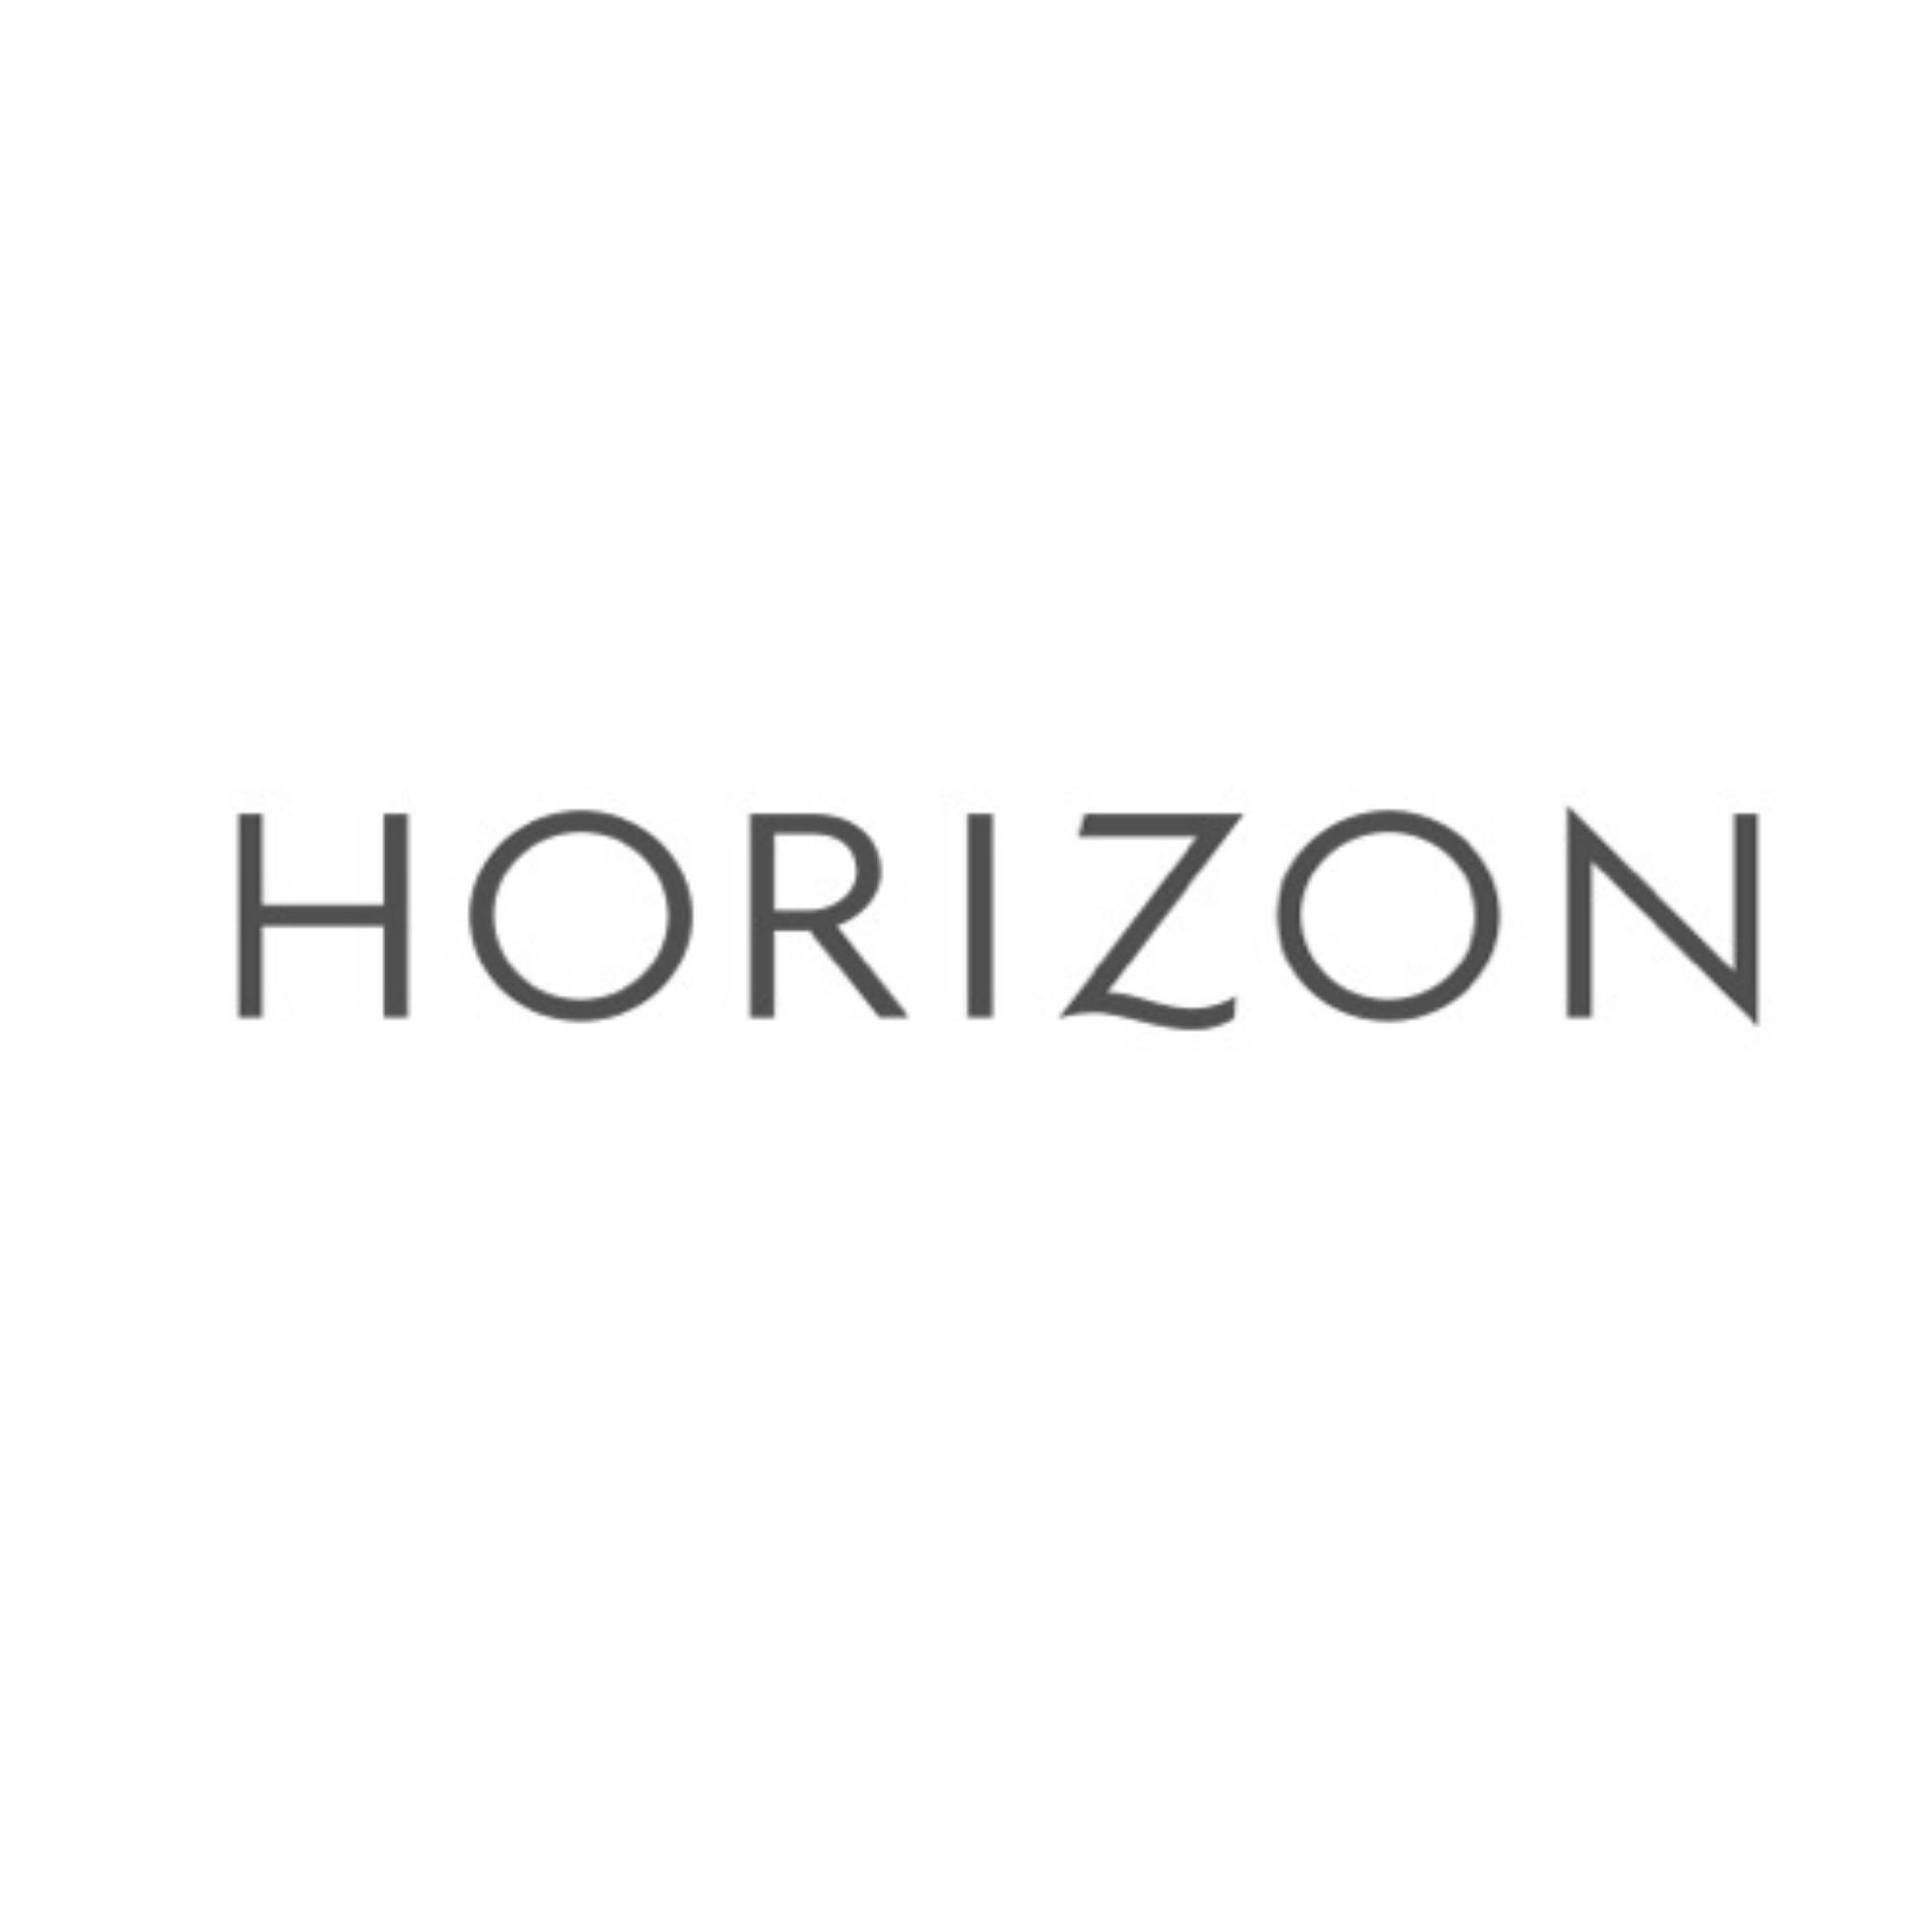 @HorizonHolidays